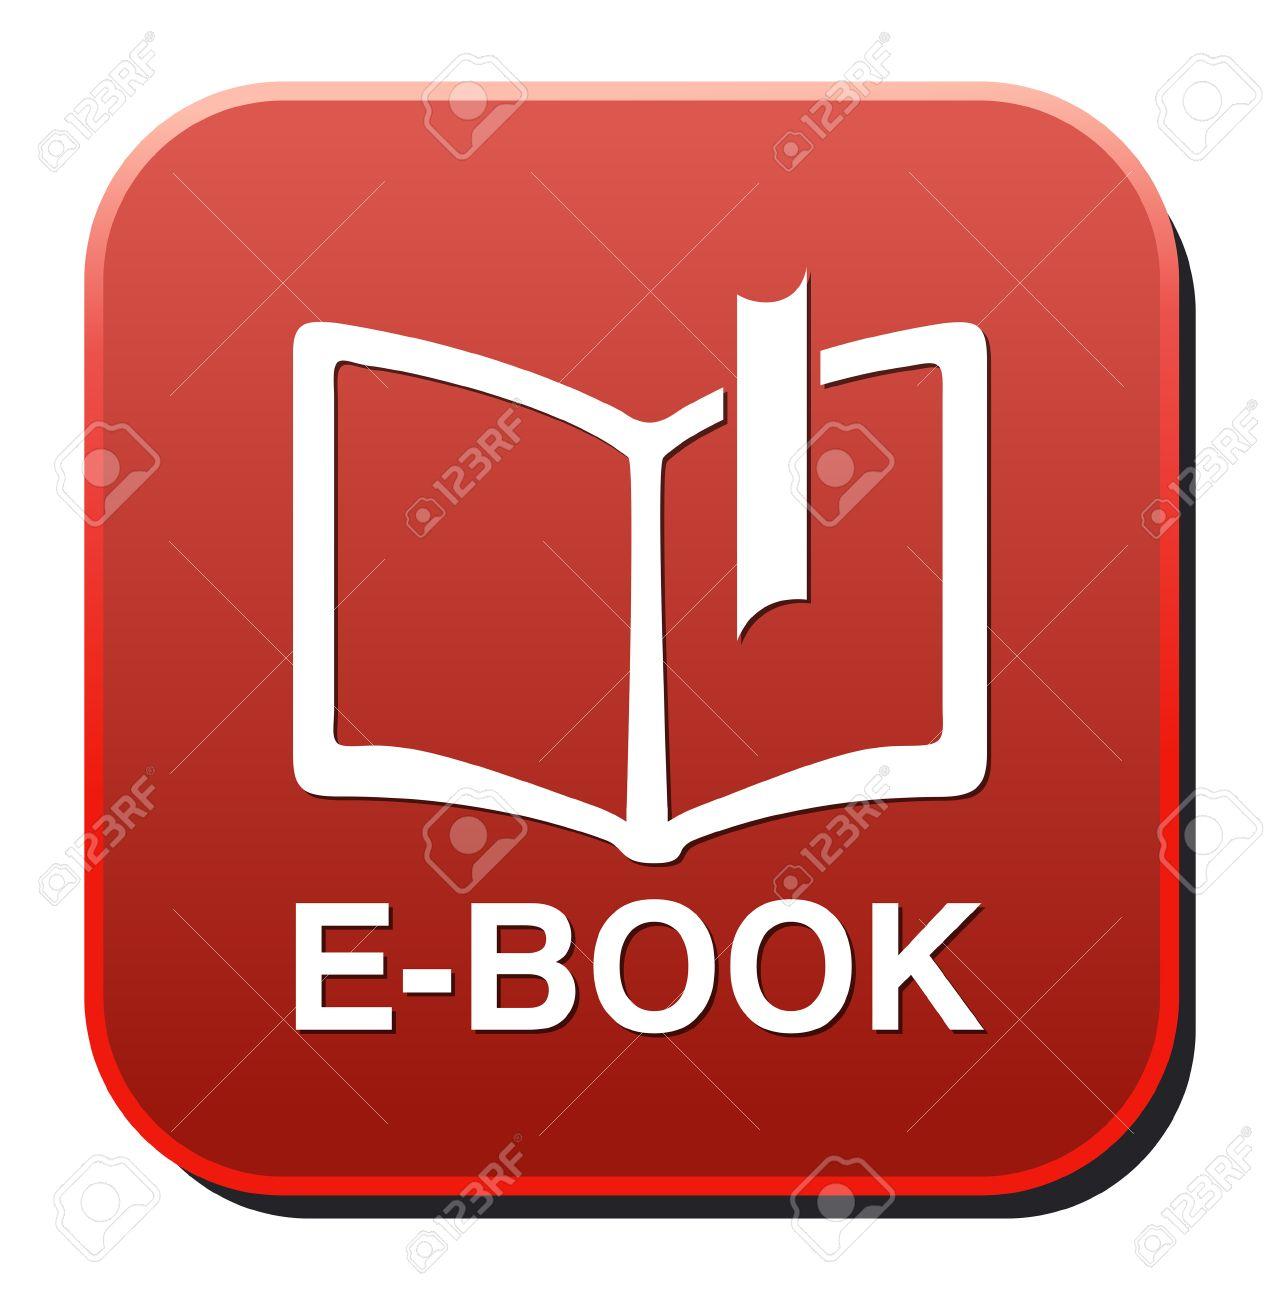 Ebook icon Royalty Free Vector Image - VectorStock